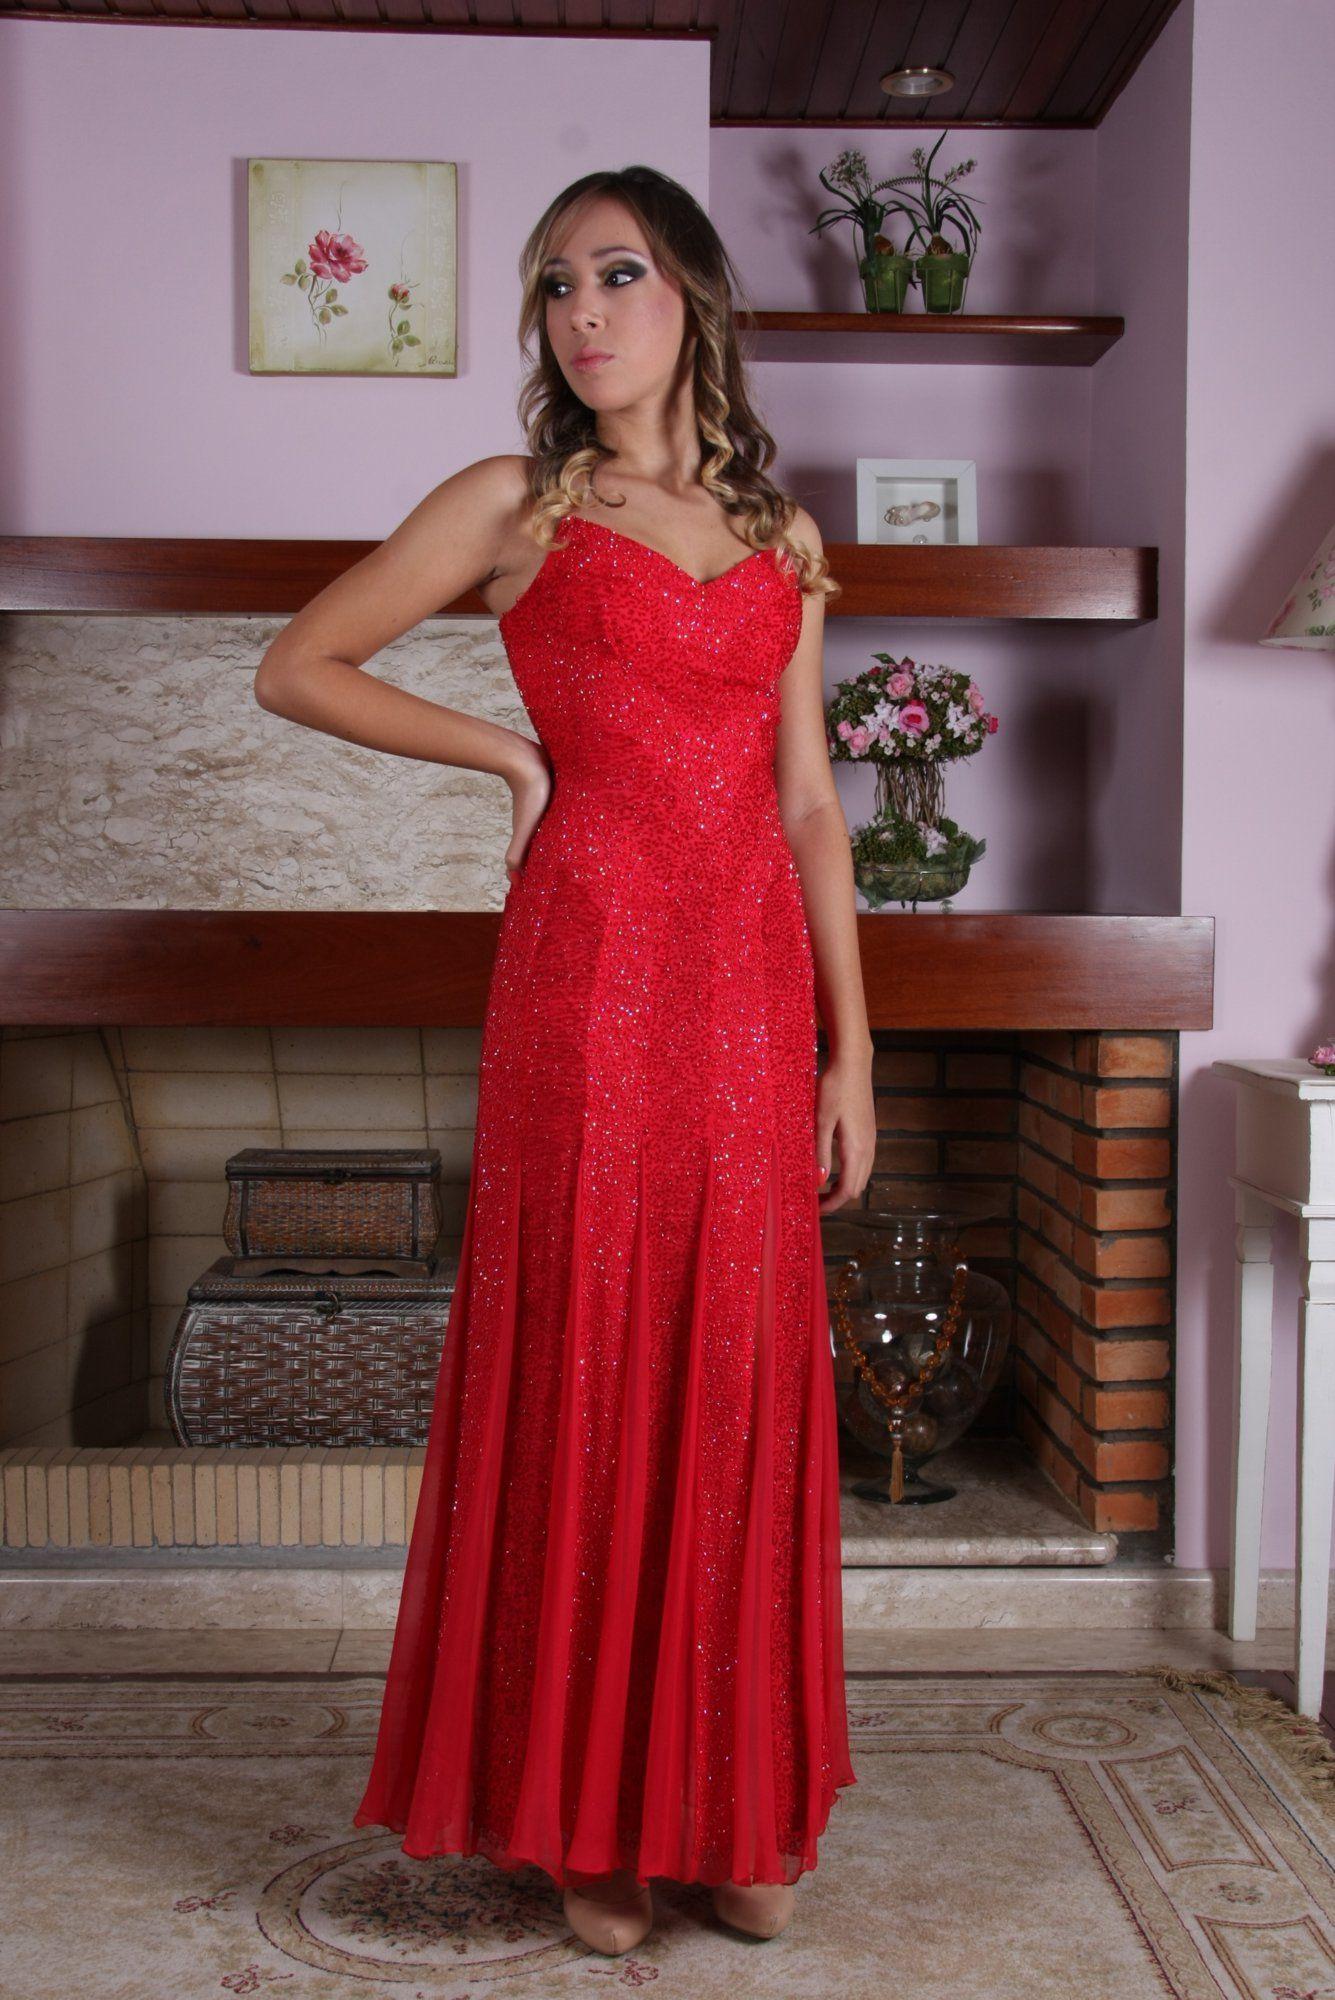 Vestido de Debutante Vermelho - 7 - Hipnose Alta Costura e Spa para Noivas e Noivos - Campinas - SP Vestido de Debutante, Vestido de Debutante Vermelho, Hipnose Alta Costura